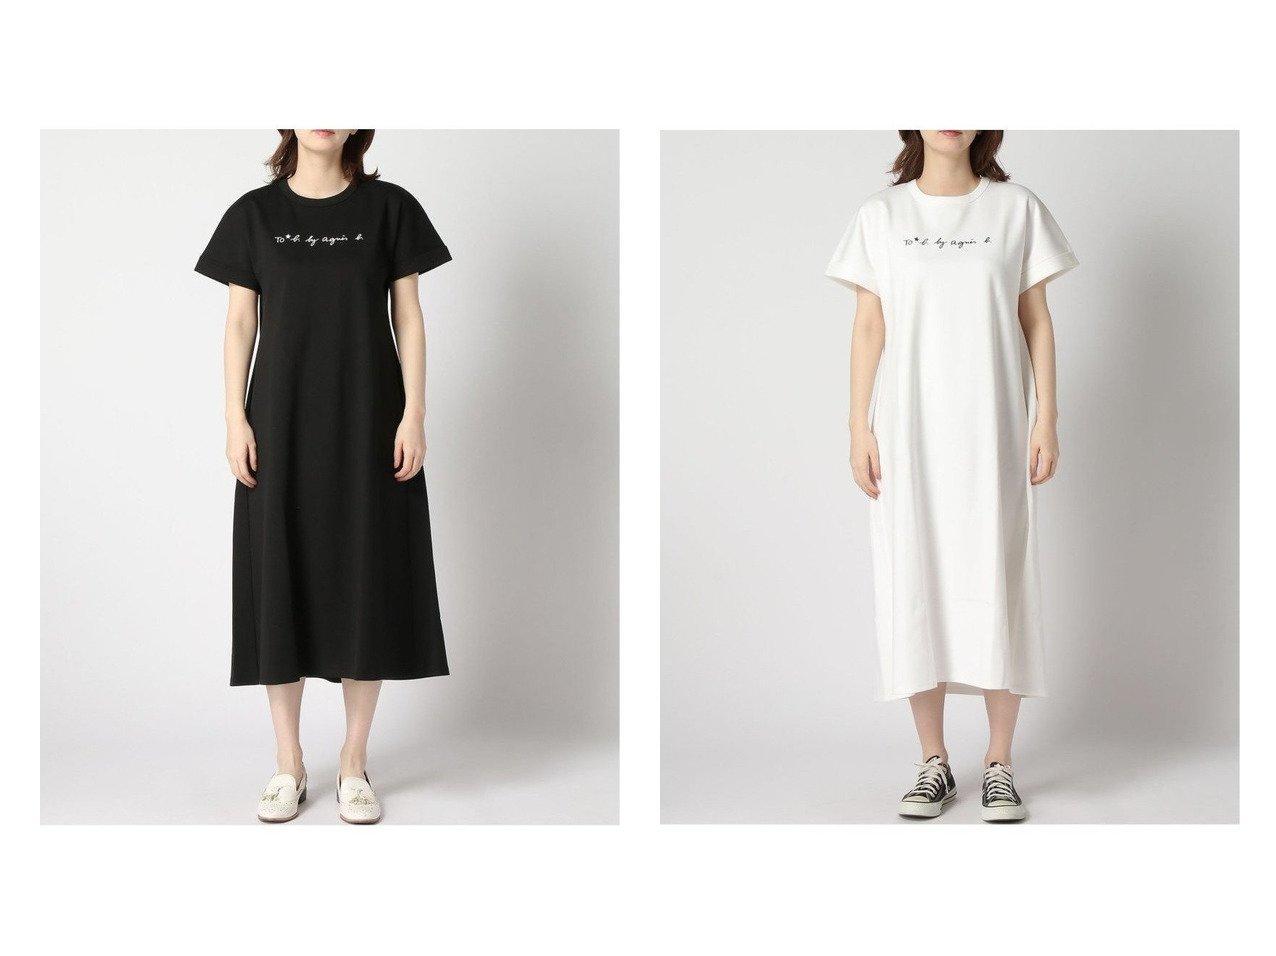 【agnes b. FEMME/アニエスベー ファム】のTo b. by agnes b./WR26 ロングドレス おすすめ!人気、トレンド・レディースファッションの通販  おすすめで人気の流行・トレンド、ファッションの通販商品 メンズファッション・キッズファッション・インテリア・家具・レディースファッション・服の通販 founy(ファニー) https://founy.com/ ファッション Fashion レディースファッション WOMEN ワンピース Dress ドレス Party Dresses NEW・新作・新着・新入荷 New Arrivals おすすめ Recommend カットソー ドレス フロント ロング 半袖 |ID:crp329100000036442